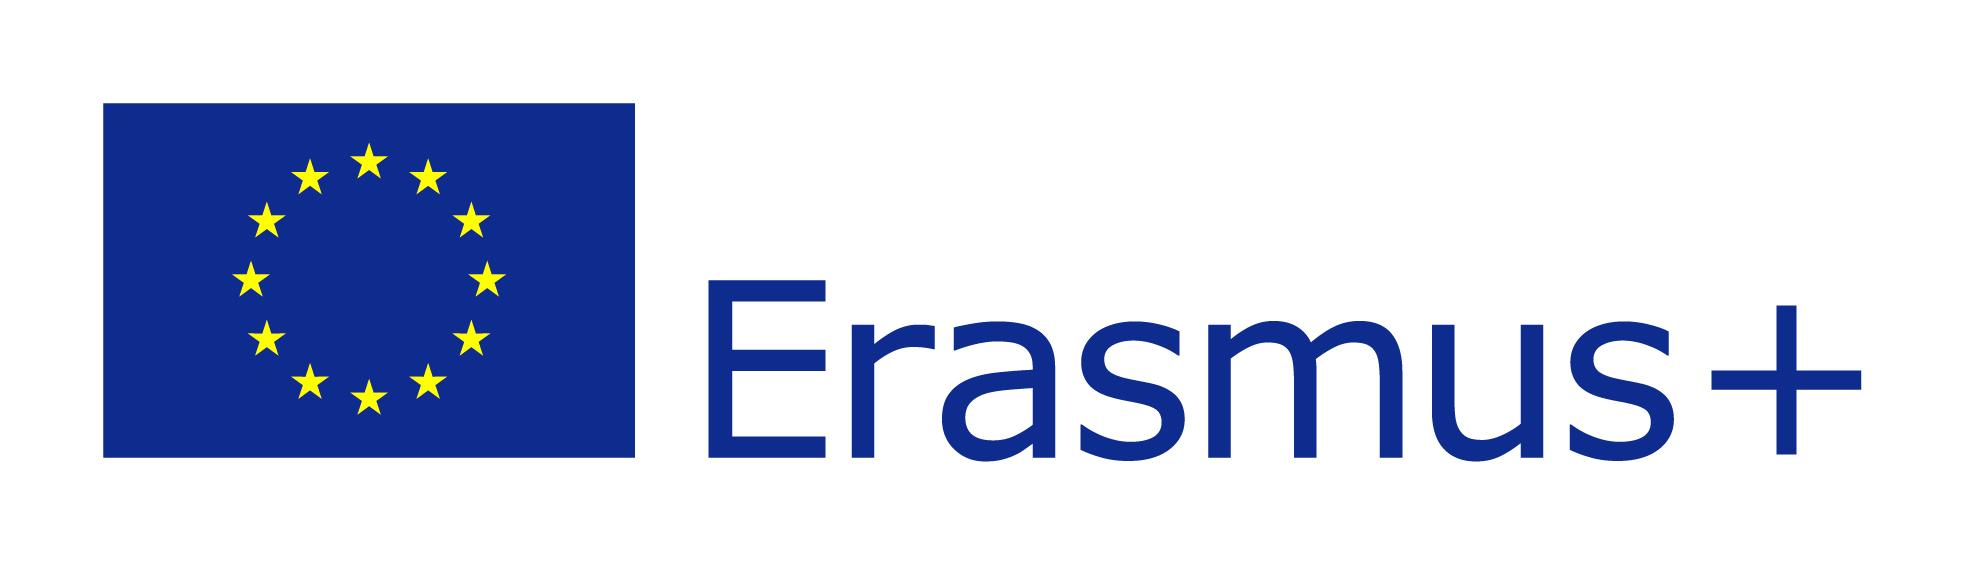 erasmus1